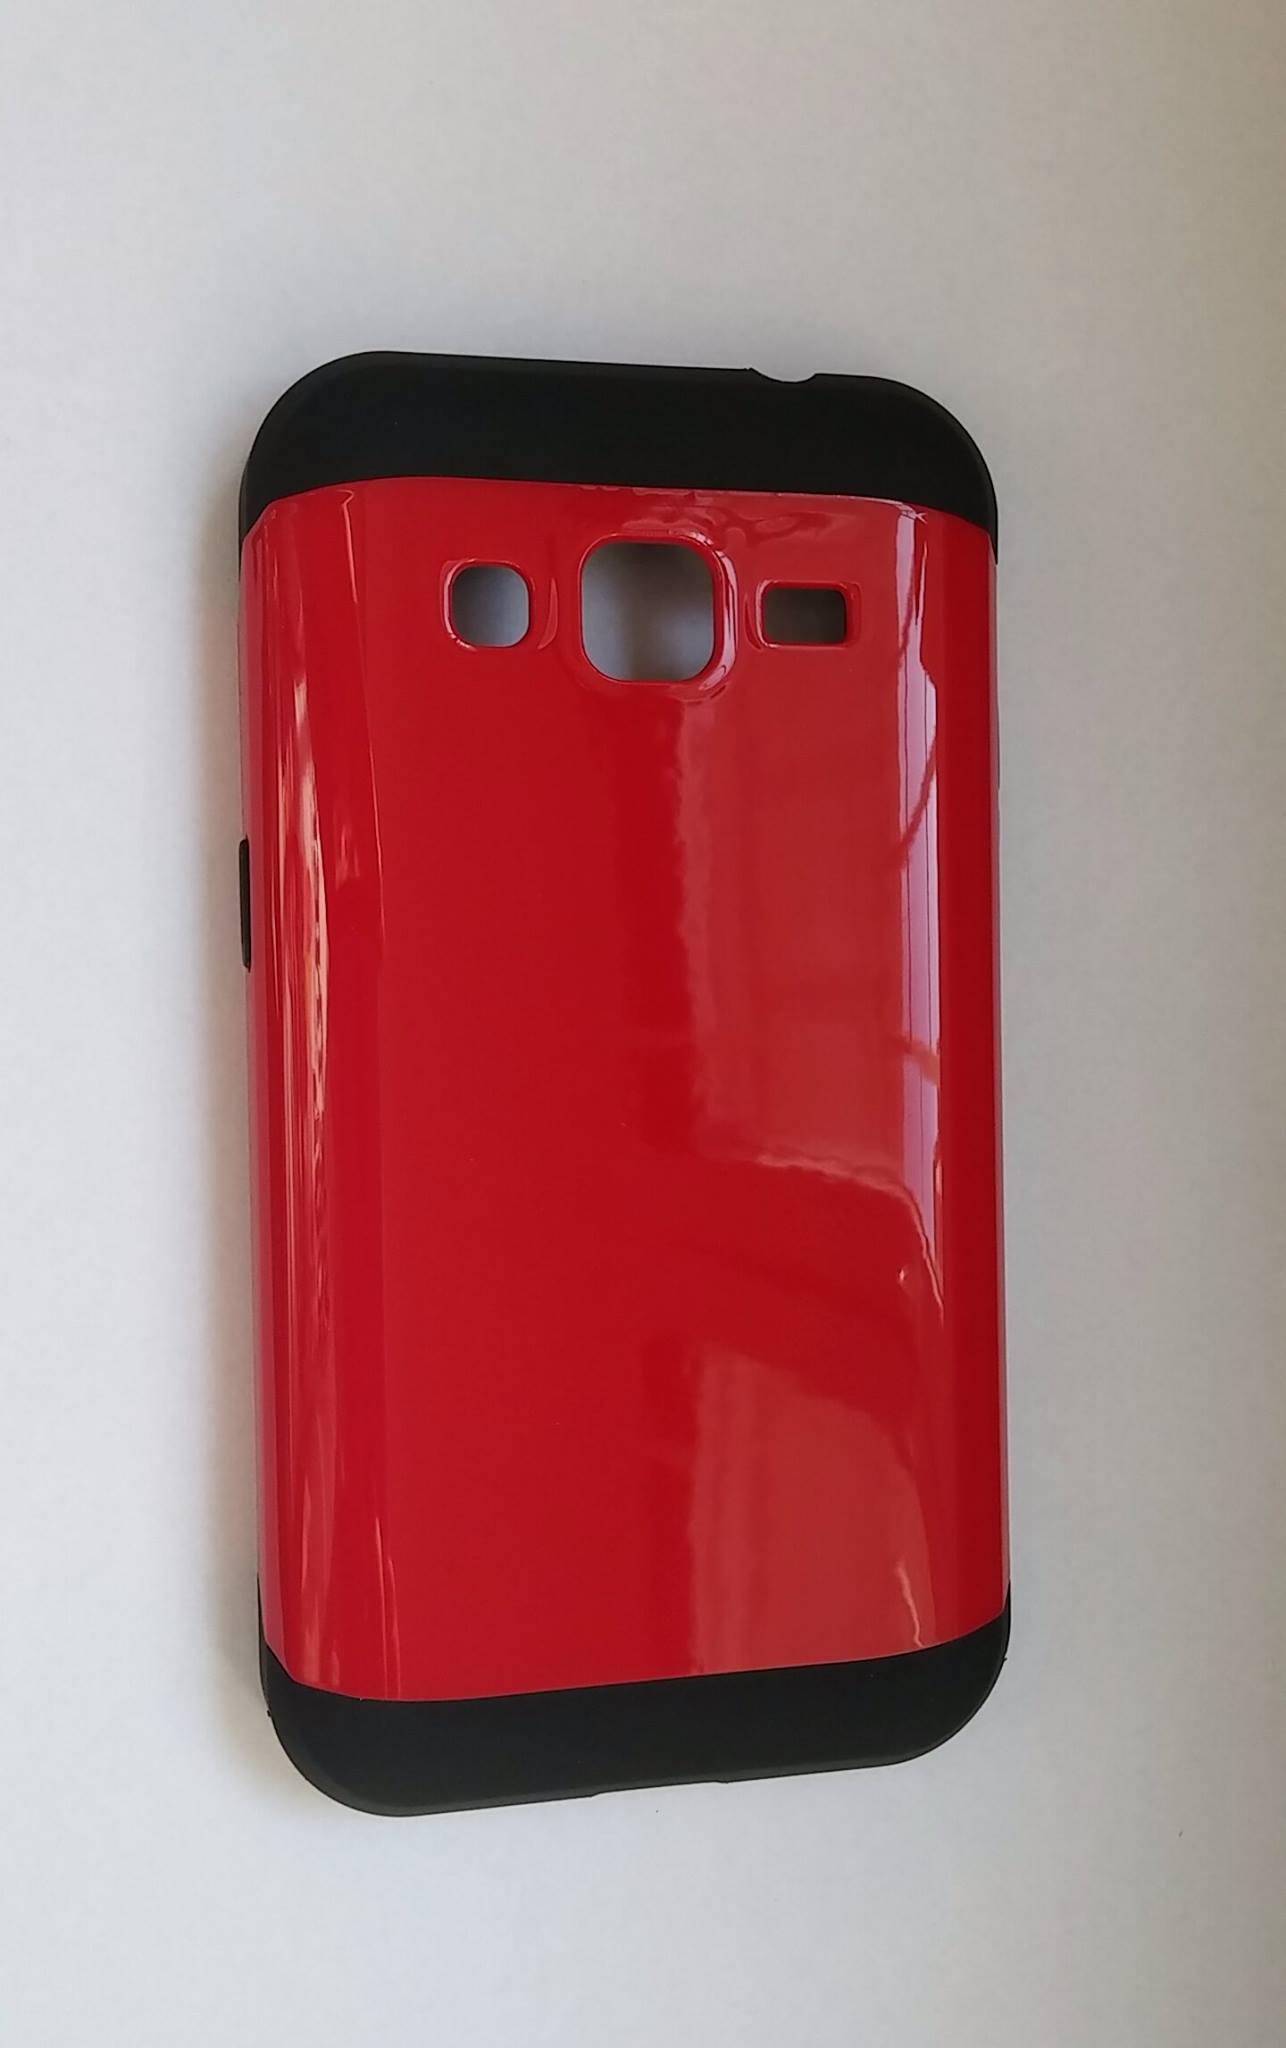 Odolné pouzdro HYBRID CASE na mobilní telefon Samsung Galaxy Grand Prime RED (Odolný kryt či obal na mobil Samsung Galaxy Grand Prime G530 / VE G531)